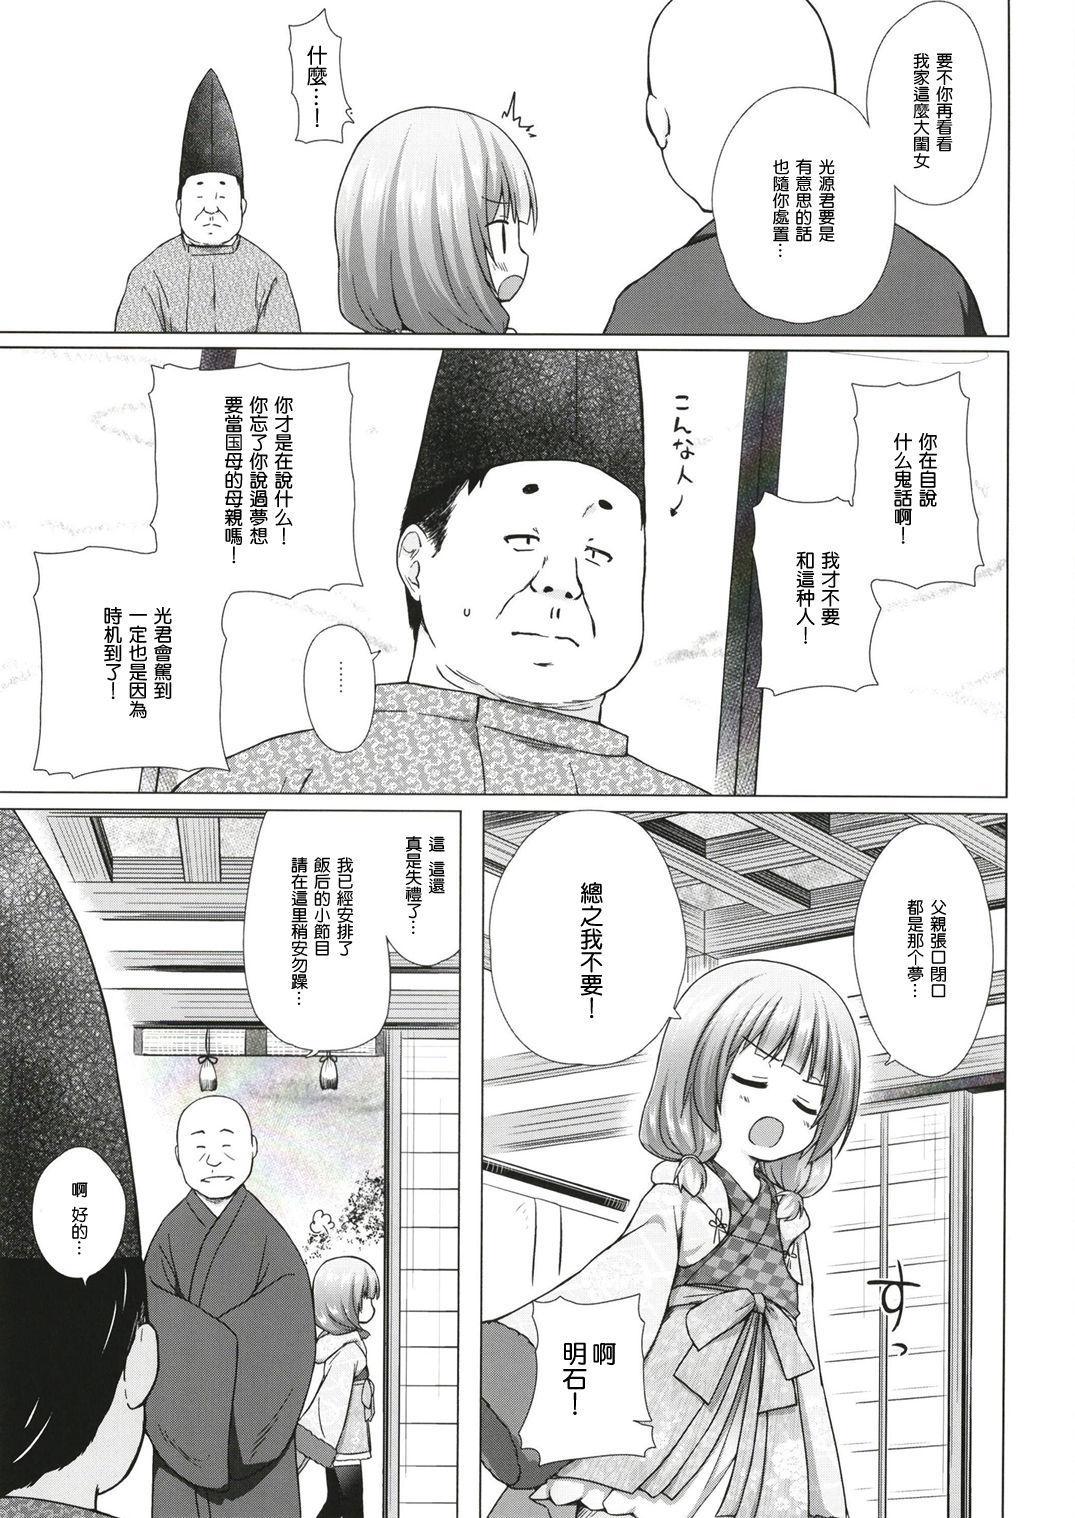 Hikari no Kimi no Saganaki Keikaku <Akashi> 4